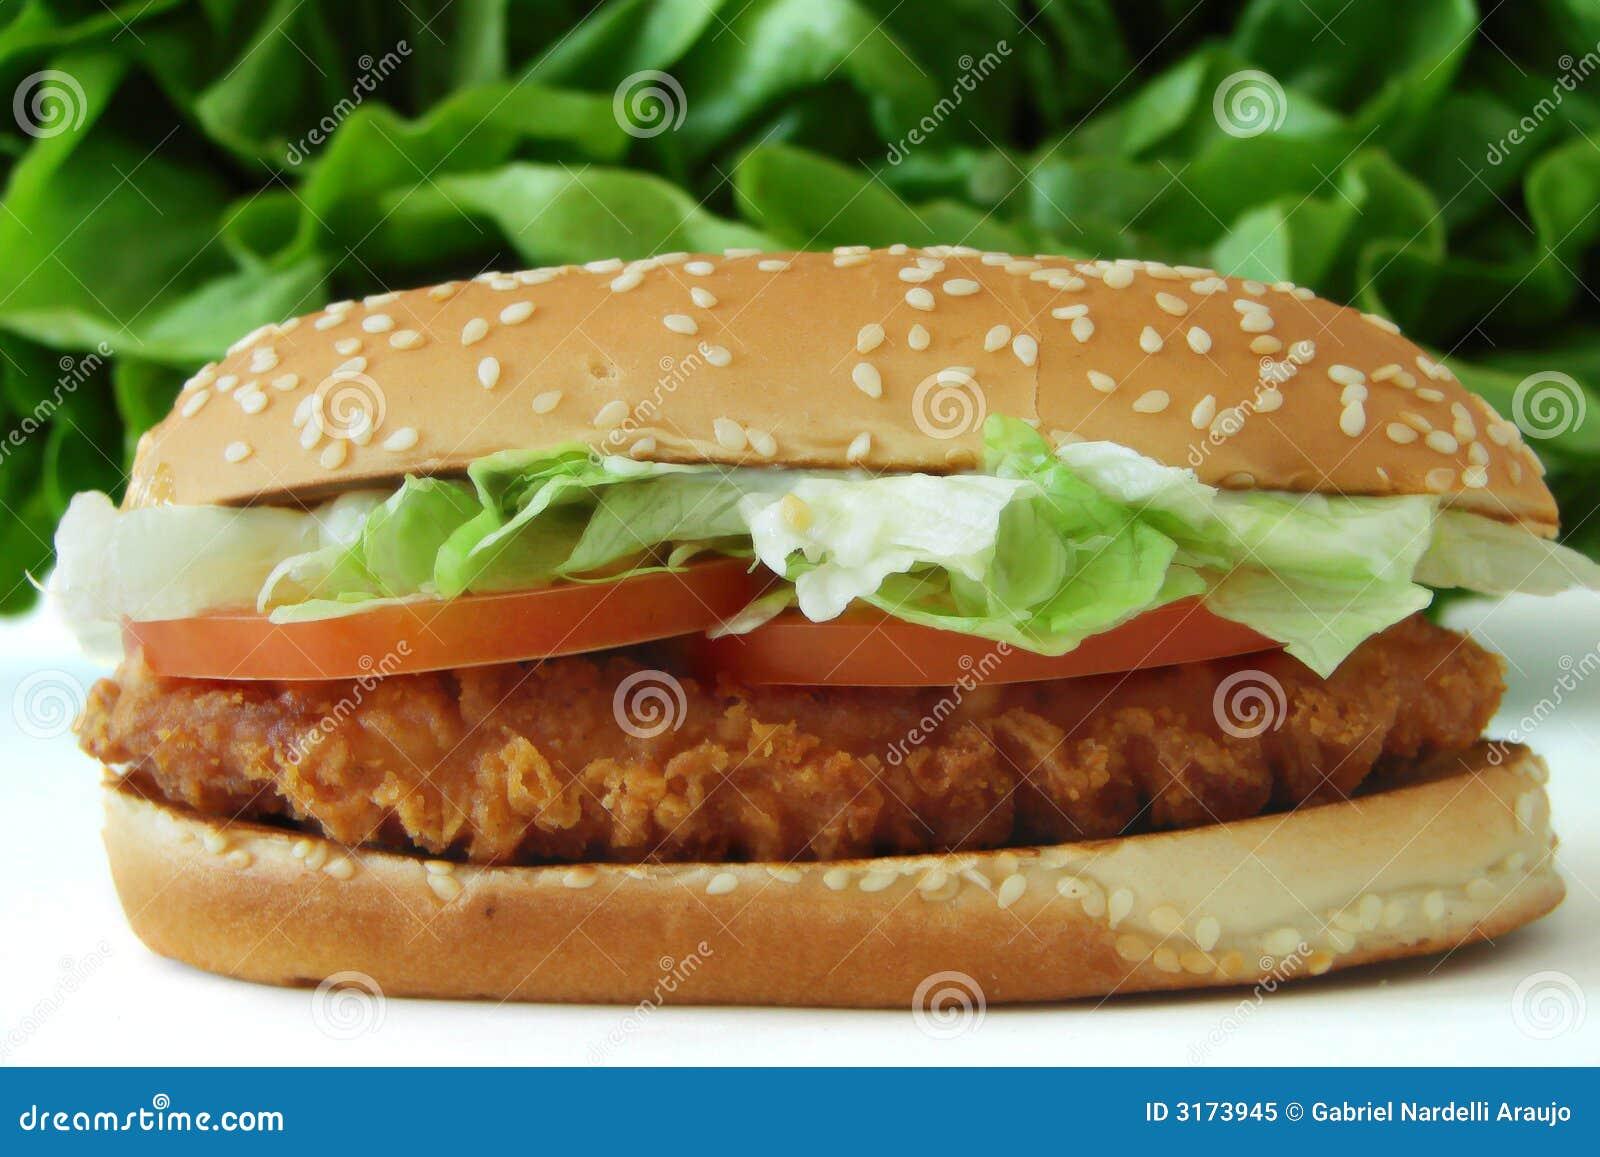 Sanduíche de galinha